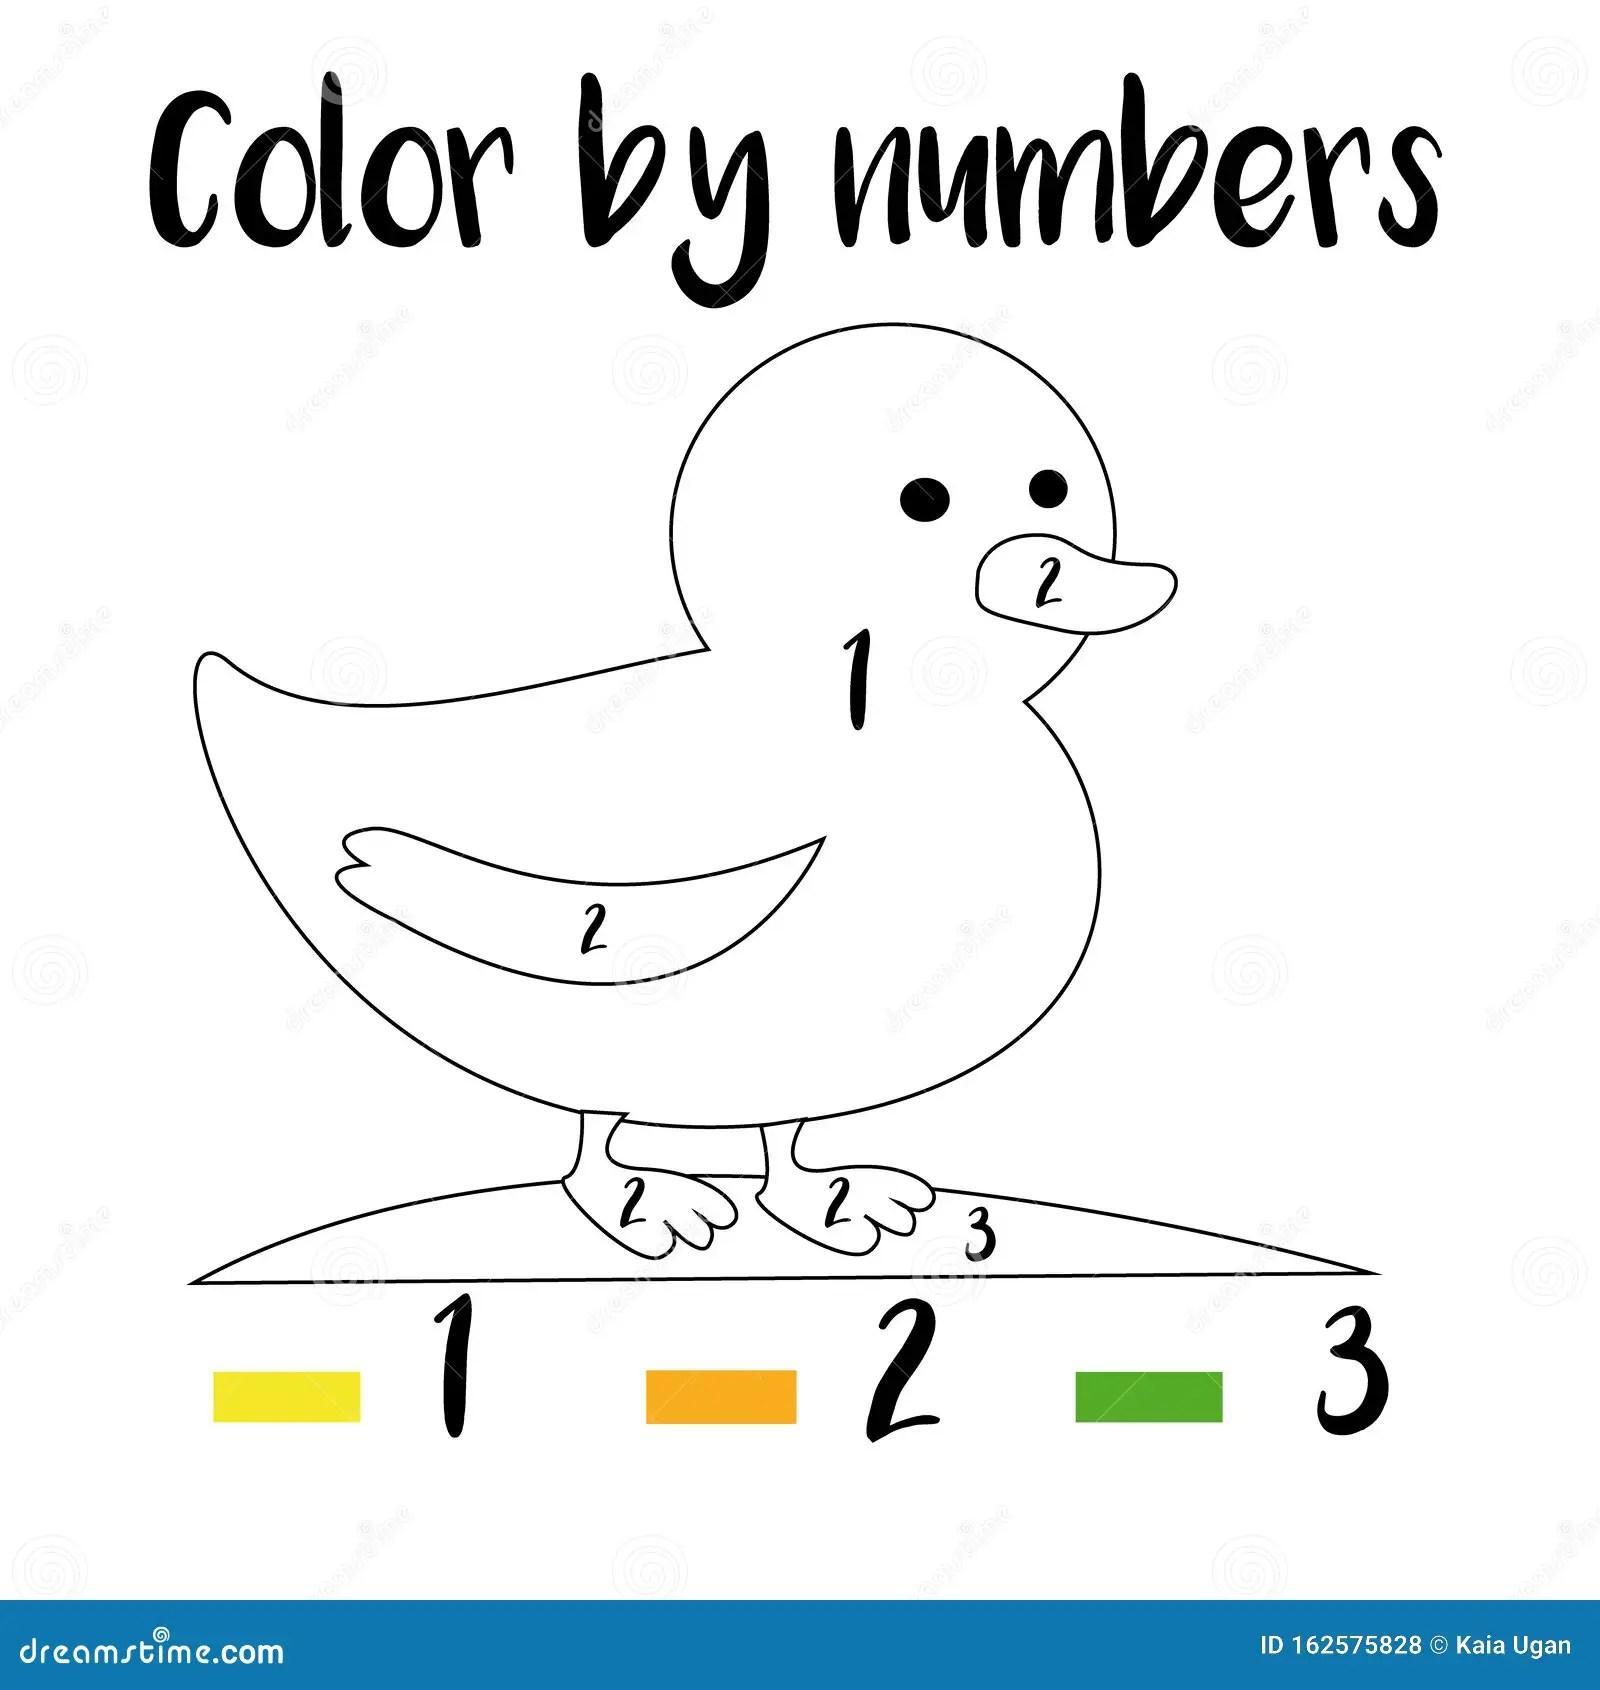 Color By Numbers Printable Worksheet Educational Game